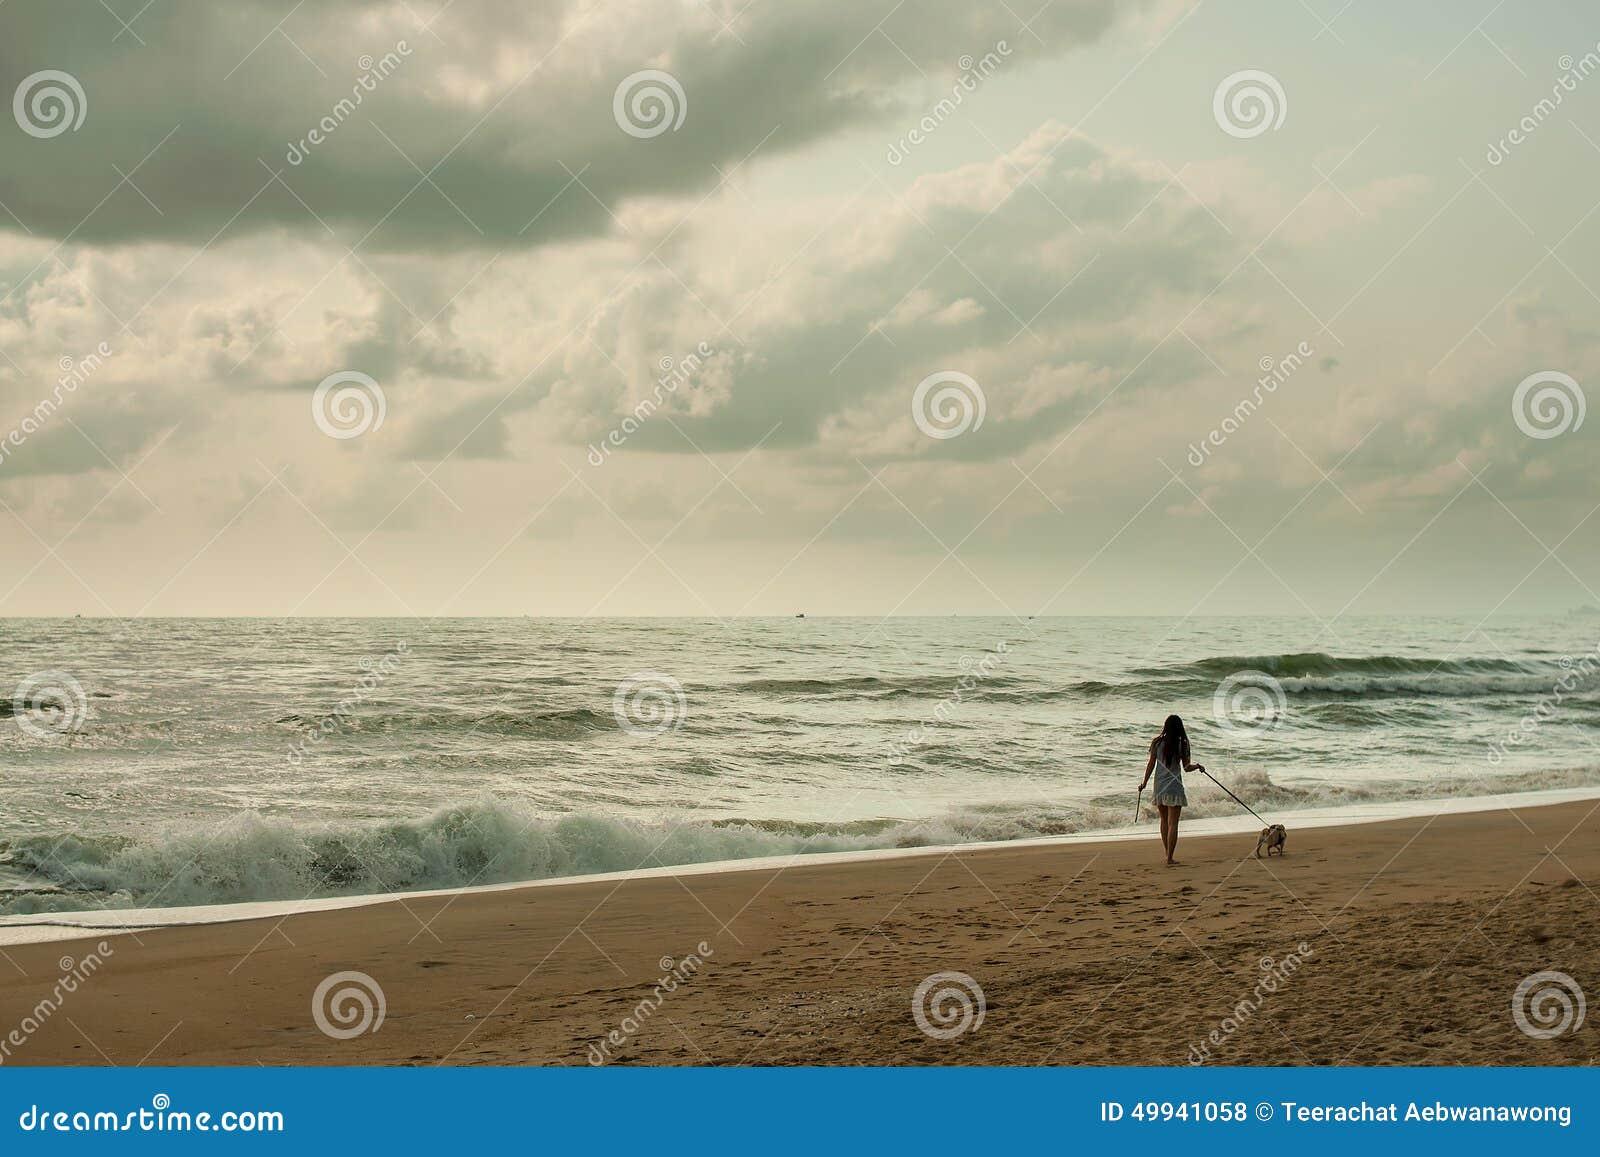 Jovem mulher que anda com seu cão na praia com céu bonito (estilo retro)